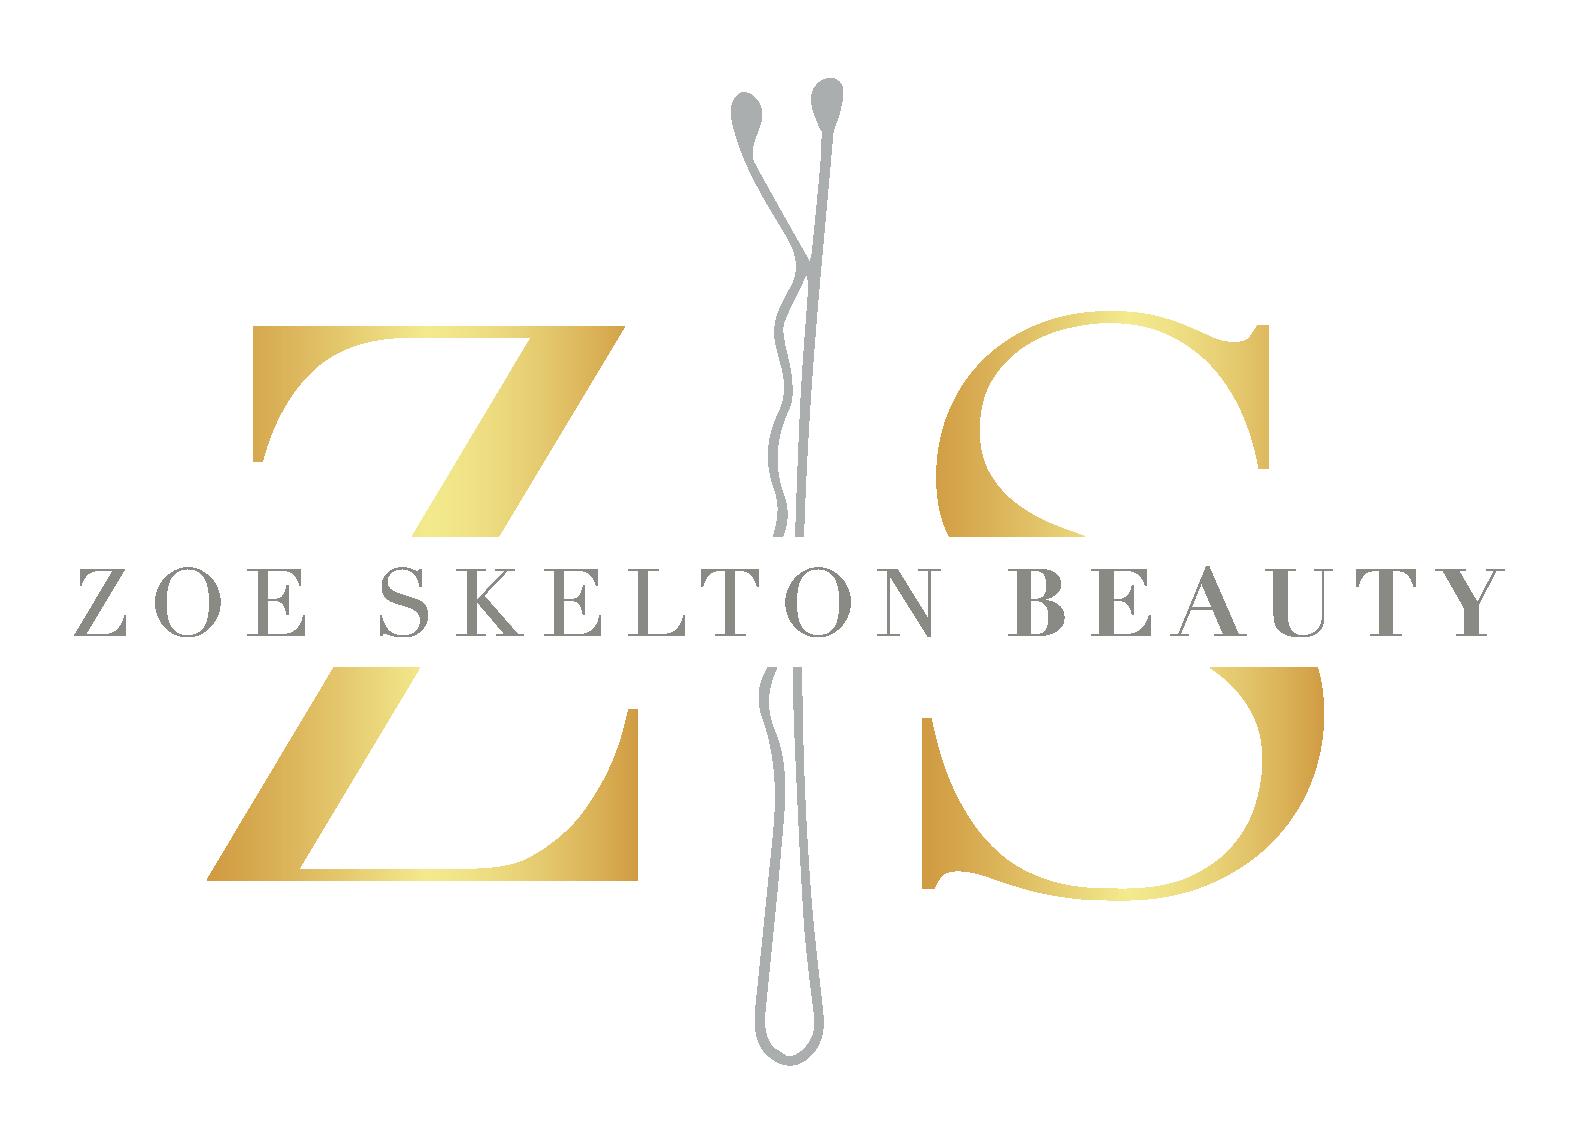 ZSB-FINAL-Logos-01.png